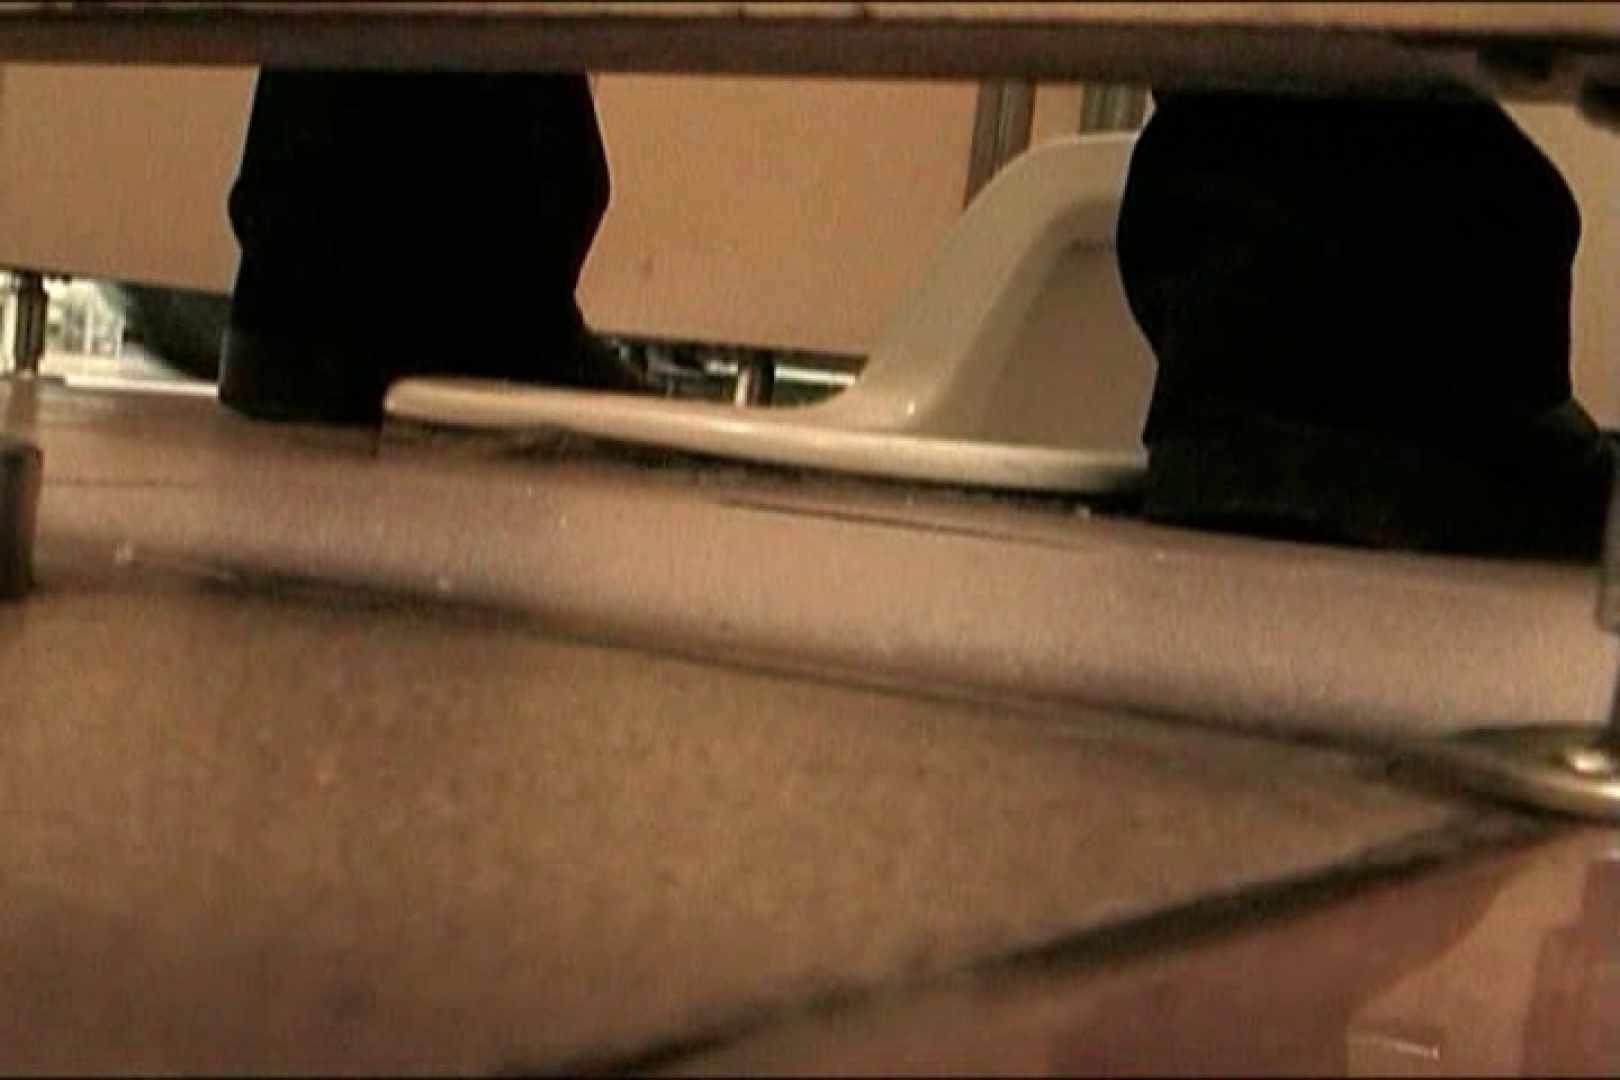 マンコ丸見え女子洗面所Vol.5 OLエロ画像 のぞき動画画像 21PICs 2